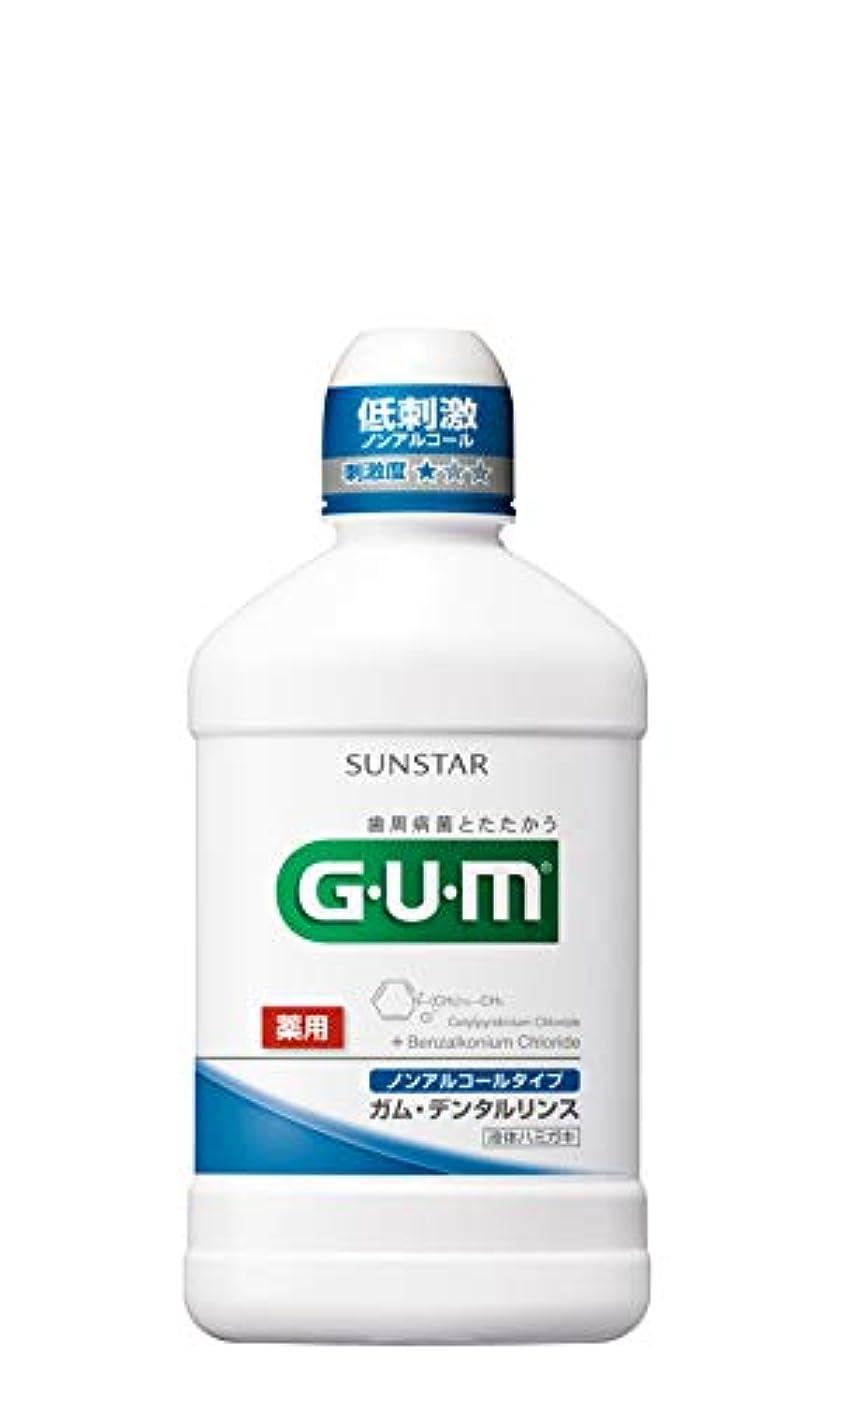 爪メトロポリタンソート[医薬部外品] GUM(ガム) デンタルリンス ノンアルコールタイプ 薬用液体ハミガキ 250ML <歯周病予防 口臭予防>